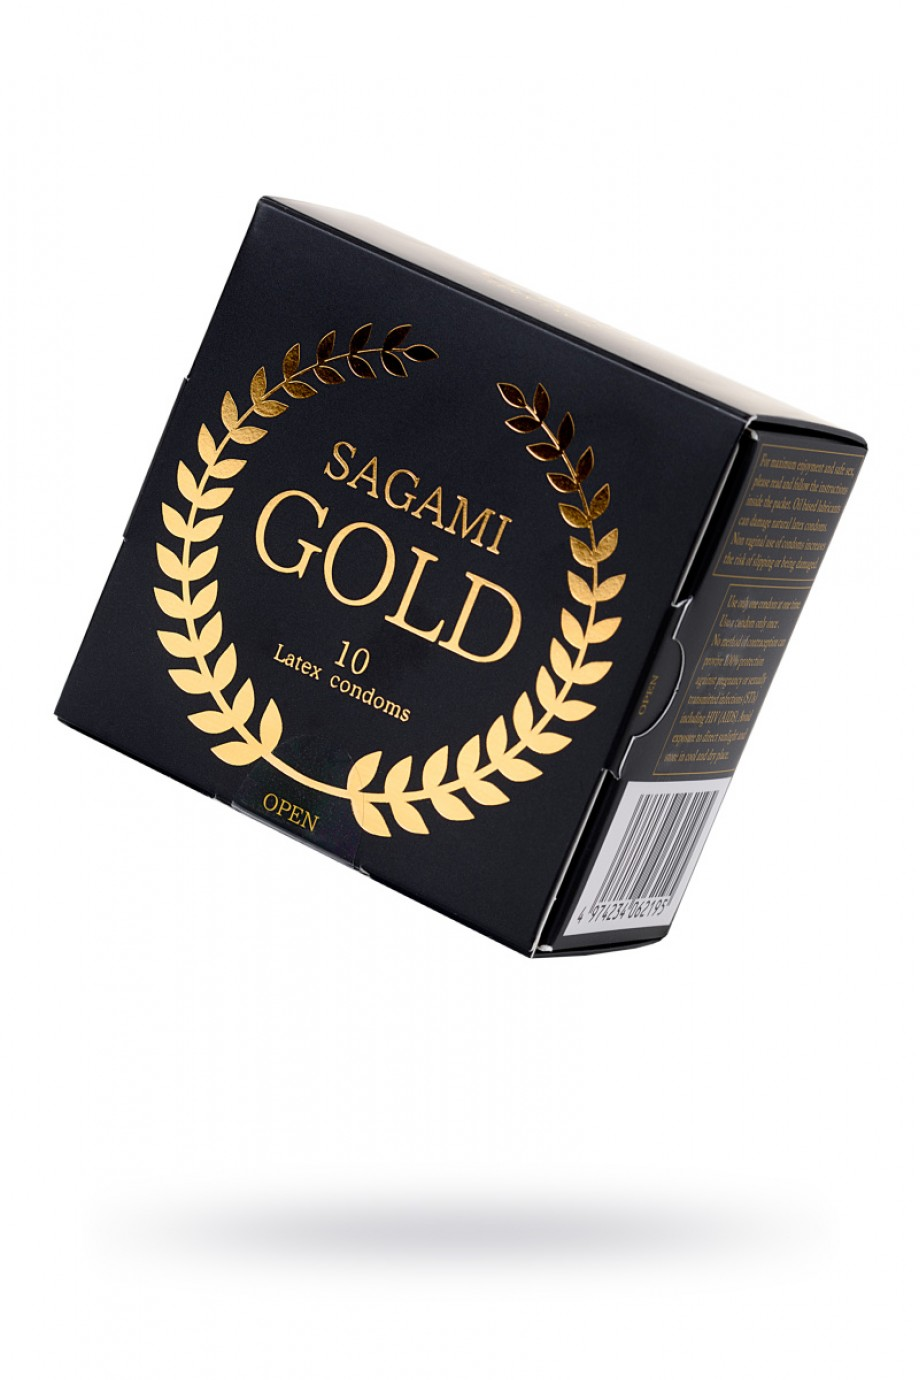 Презервативы латексные Sagami Gold, 10 шт